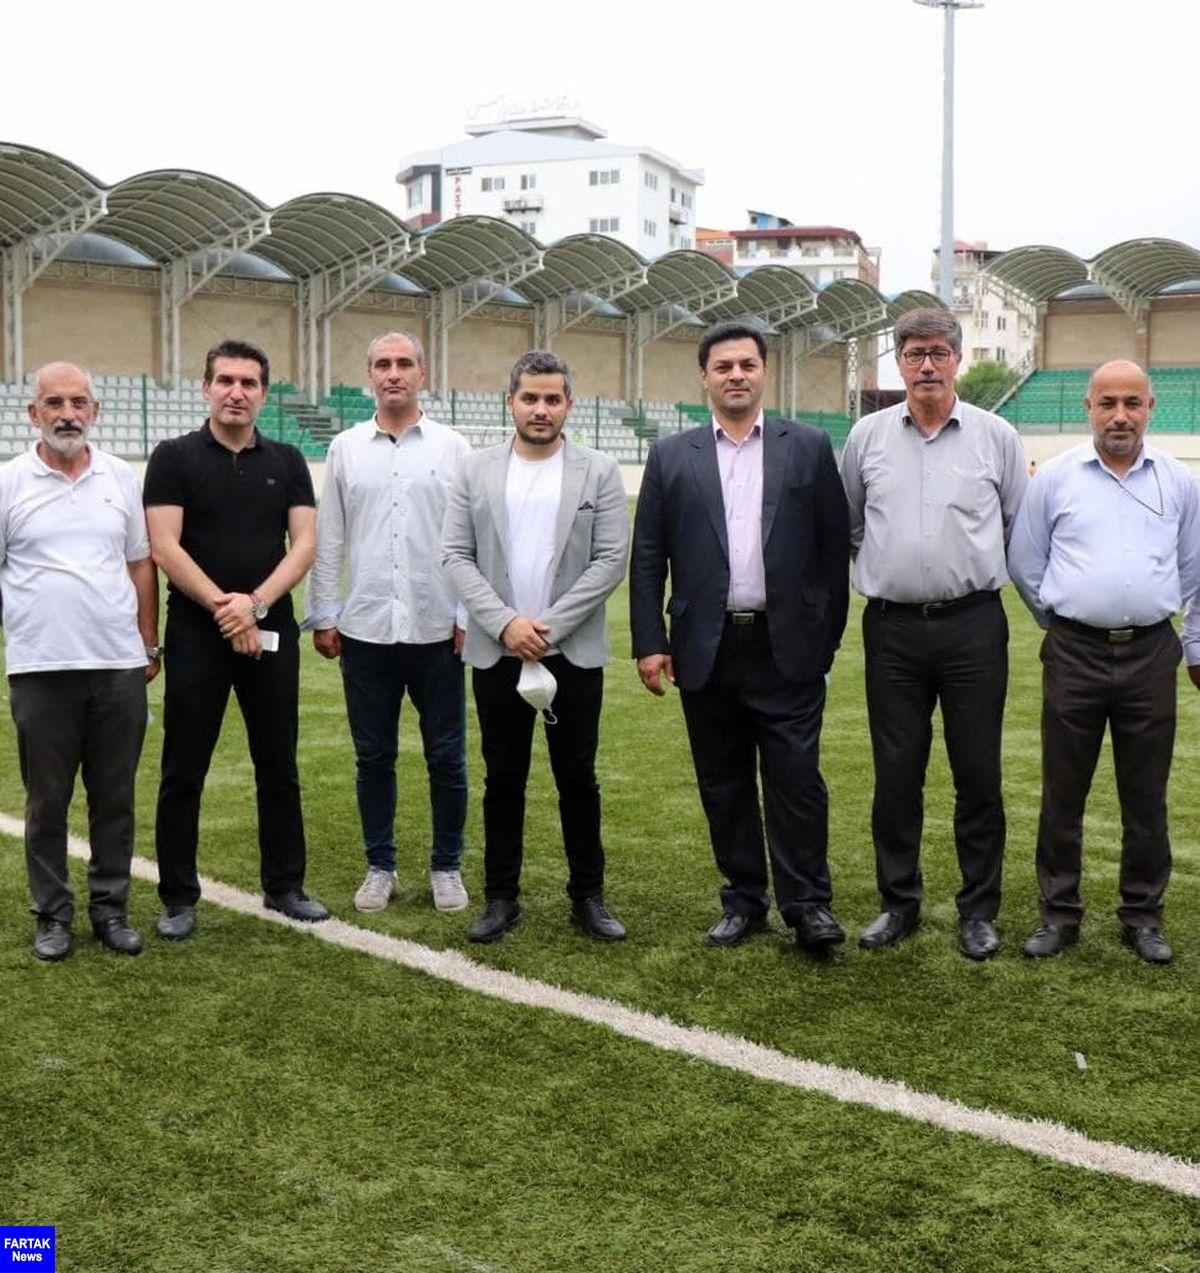 حضور امیرحسین فراهانی در دیدار حساس هفته دوازدهم+عکس